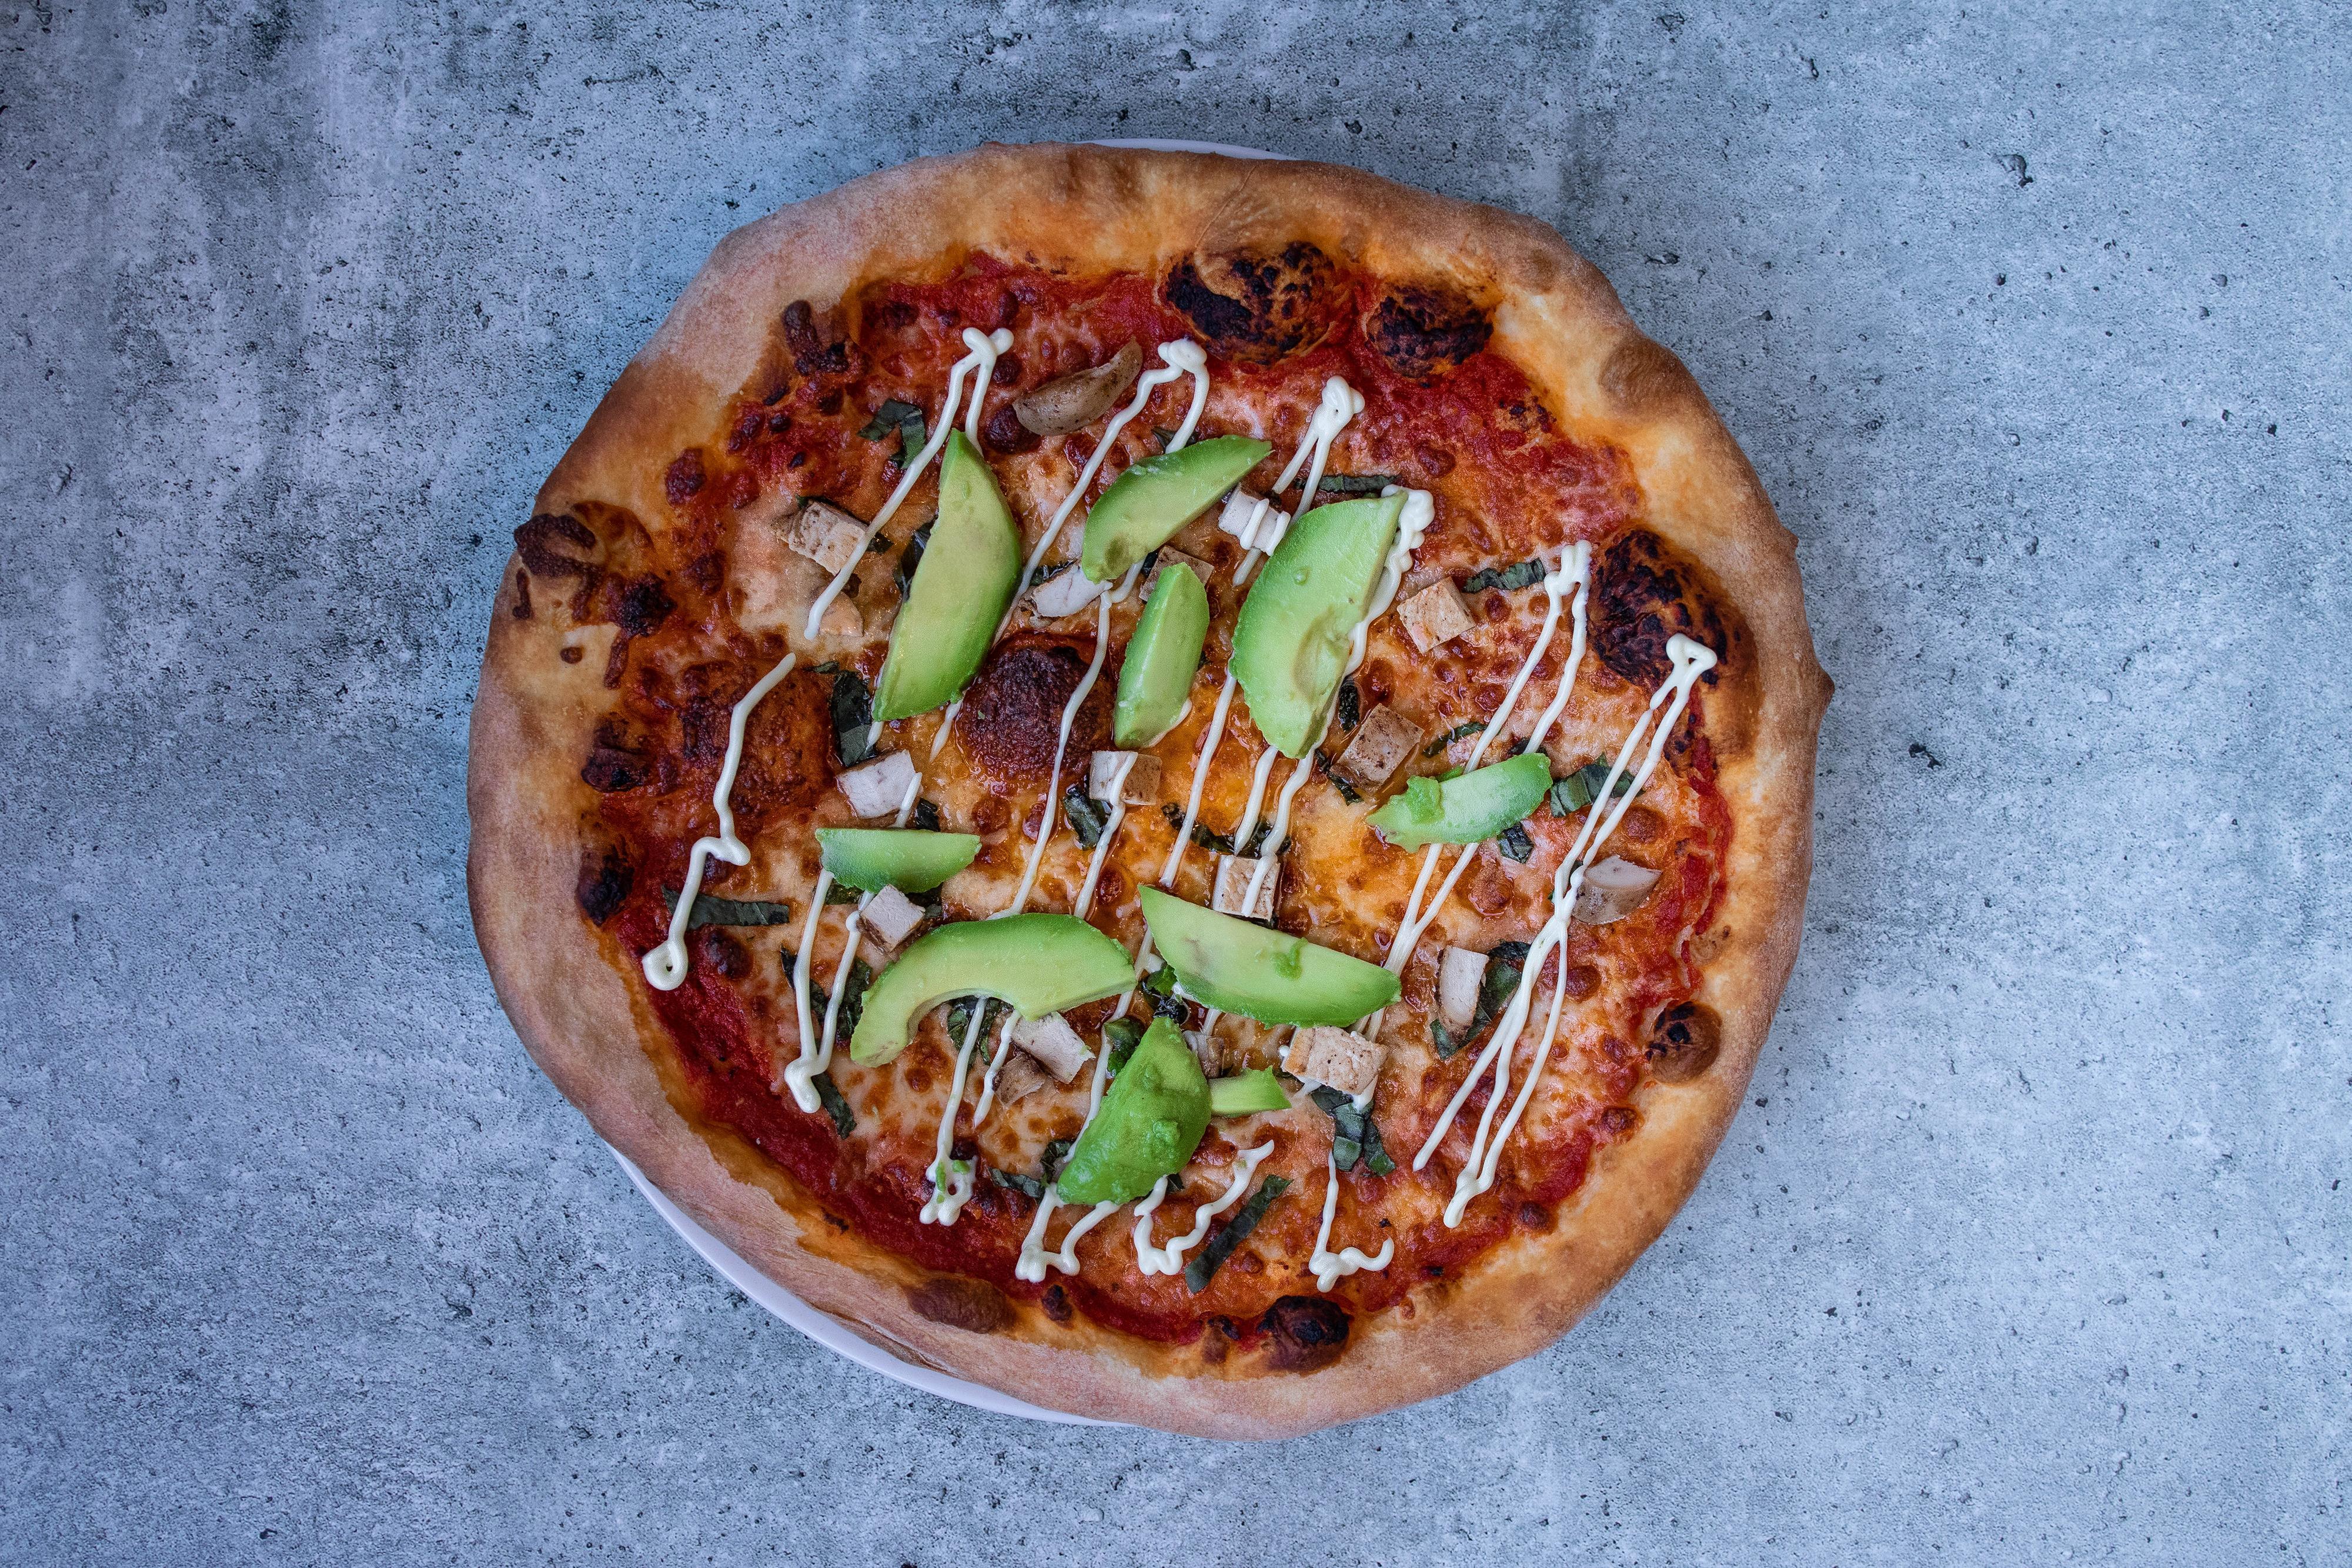 710952_Melrose Pizza_MJ.jpg